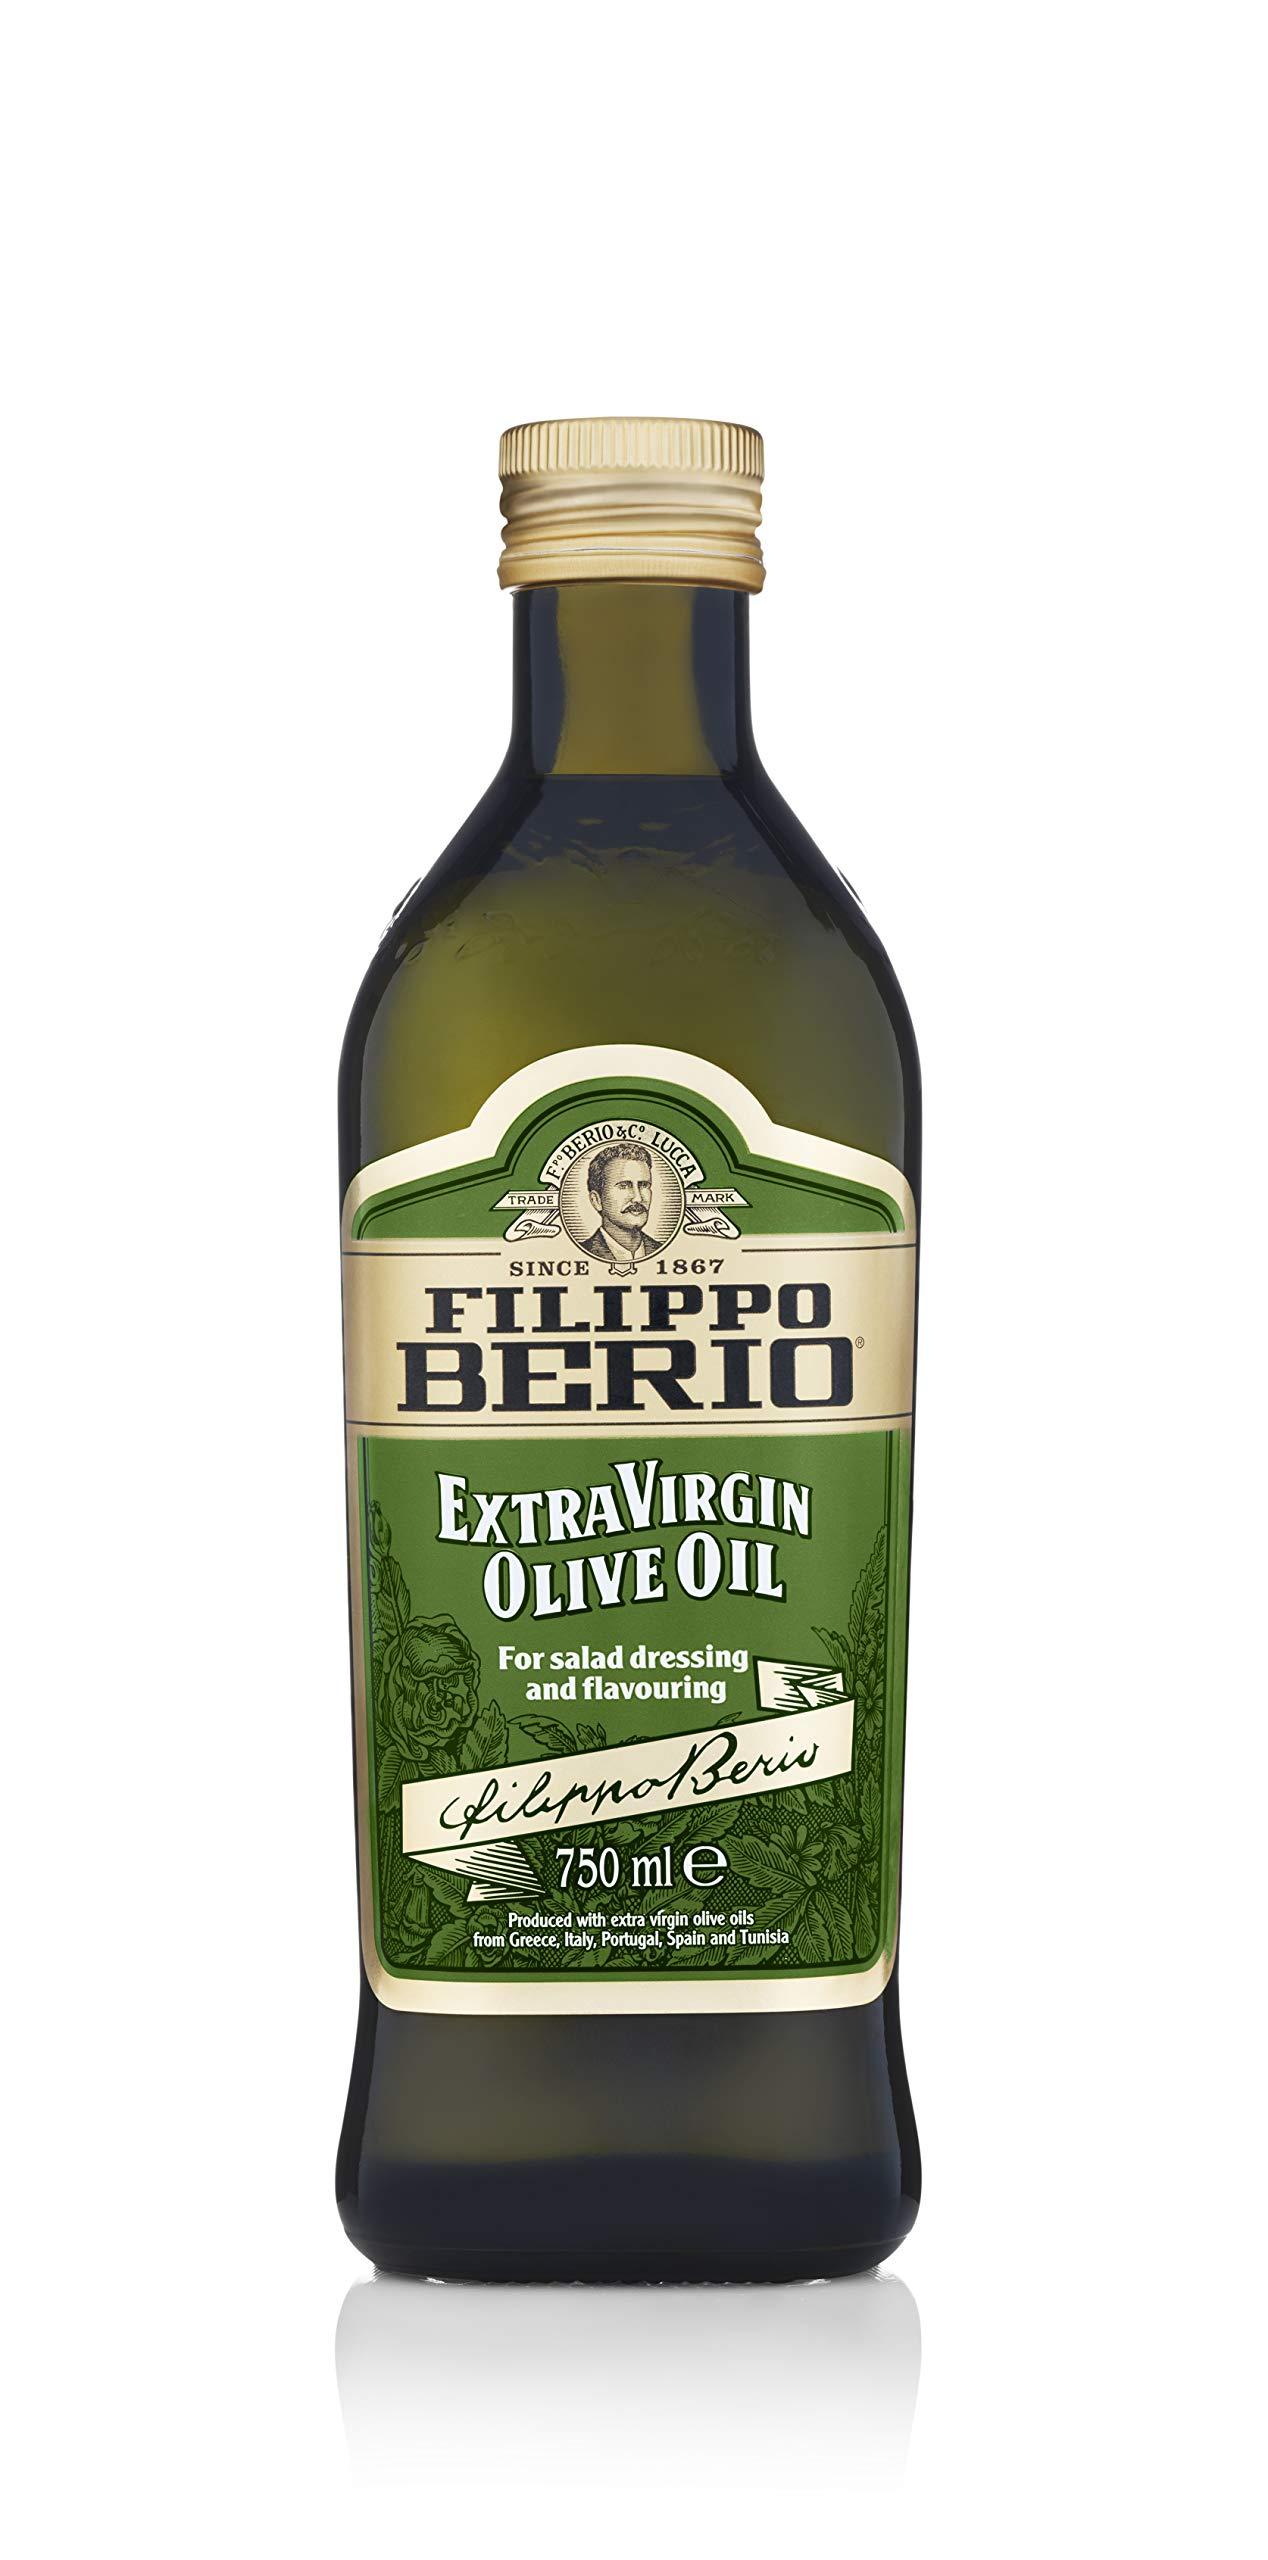 Filippo Berio Extra Virgin Olive Oil, 750 ml 1